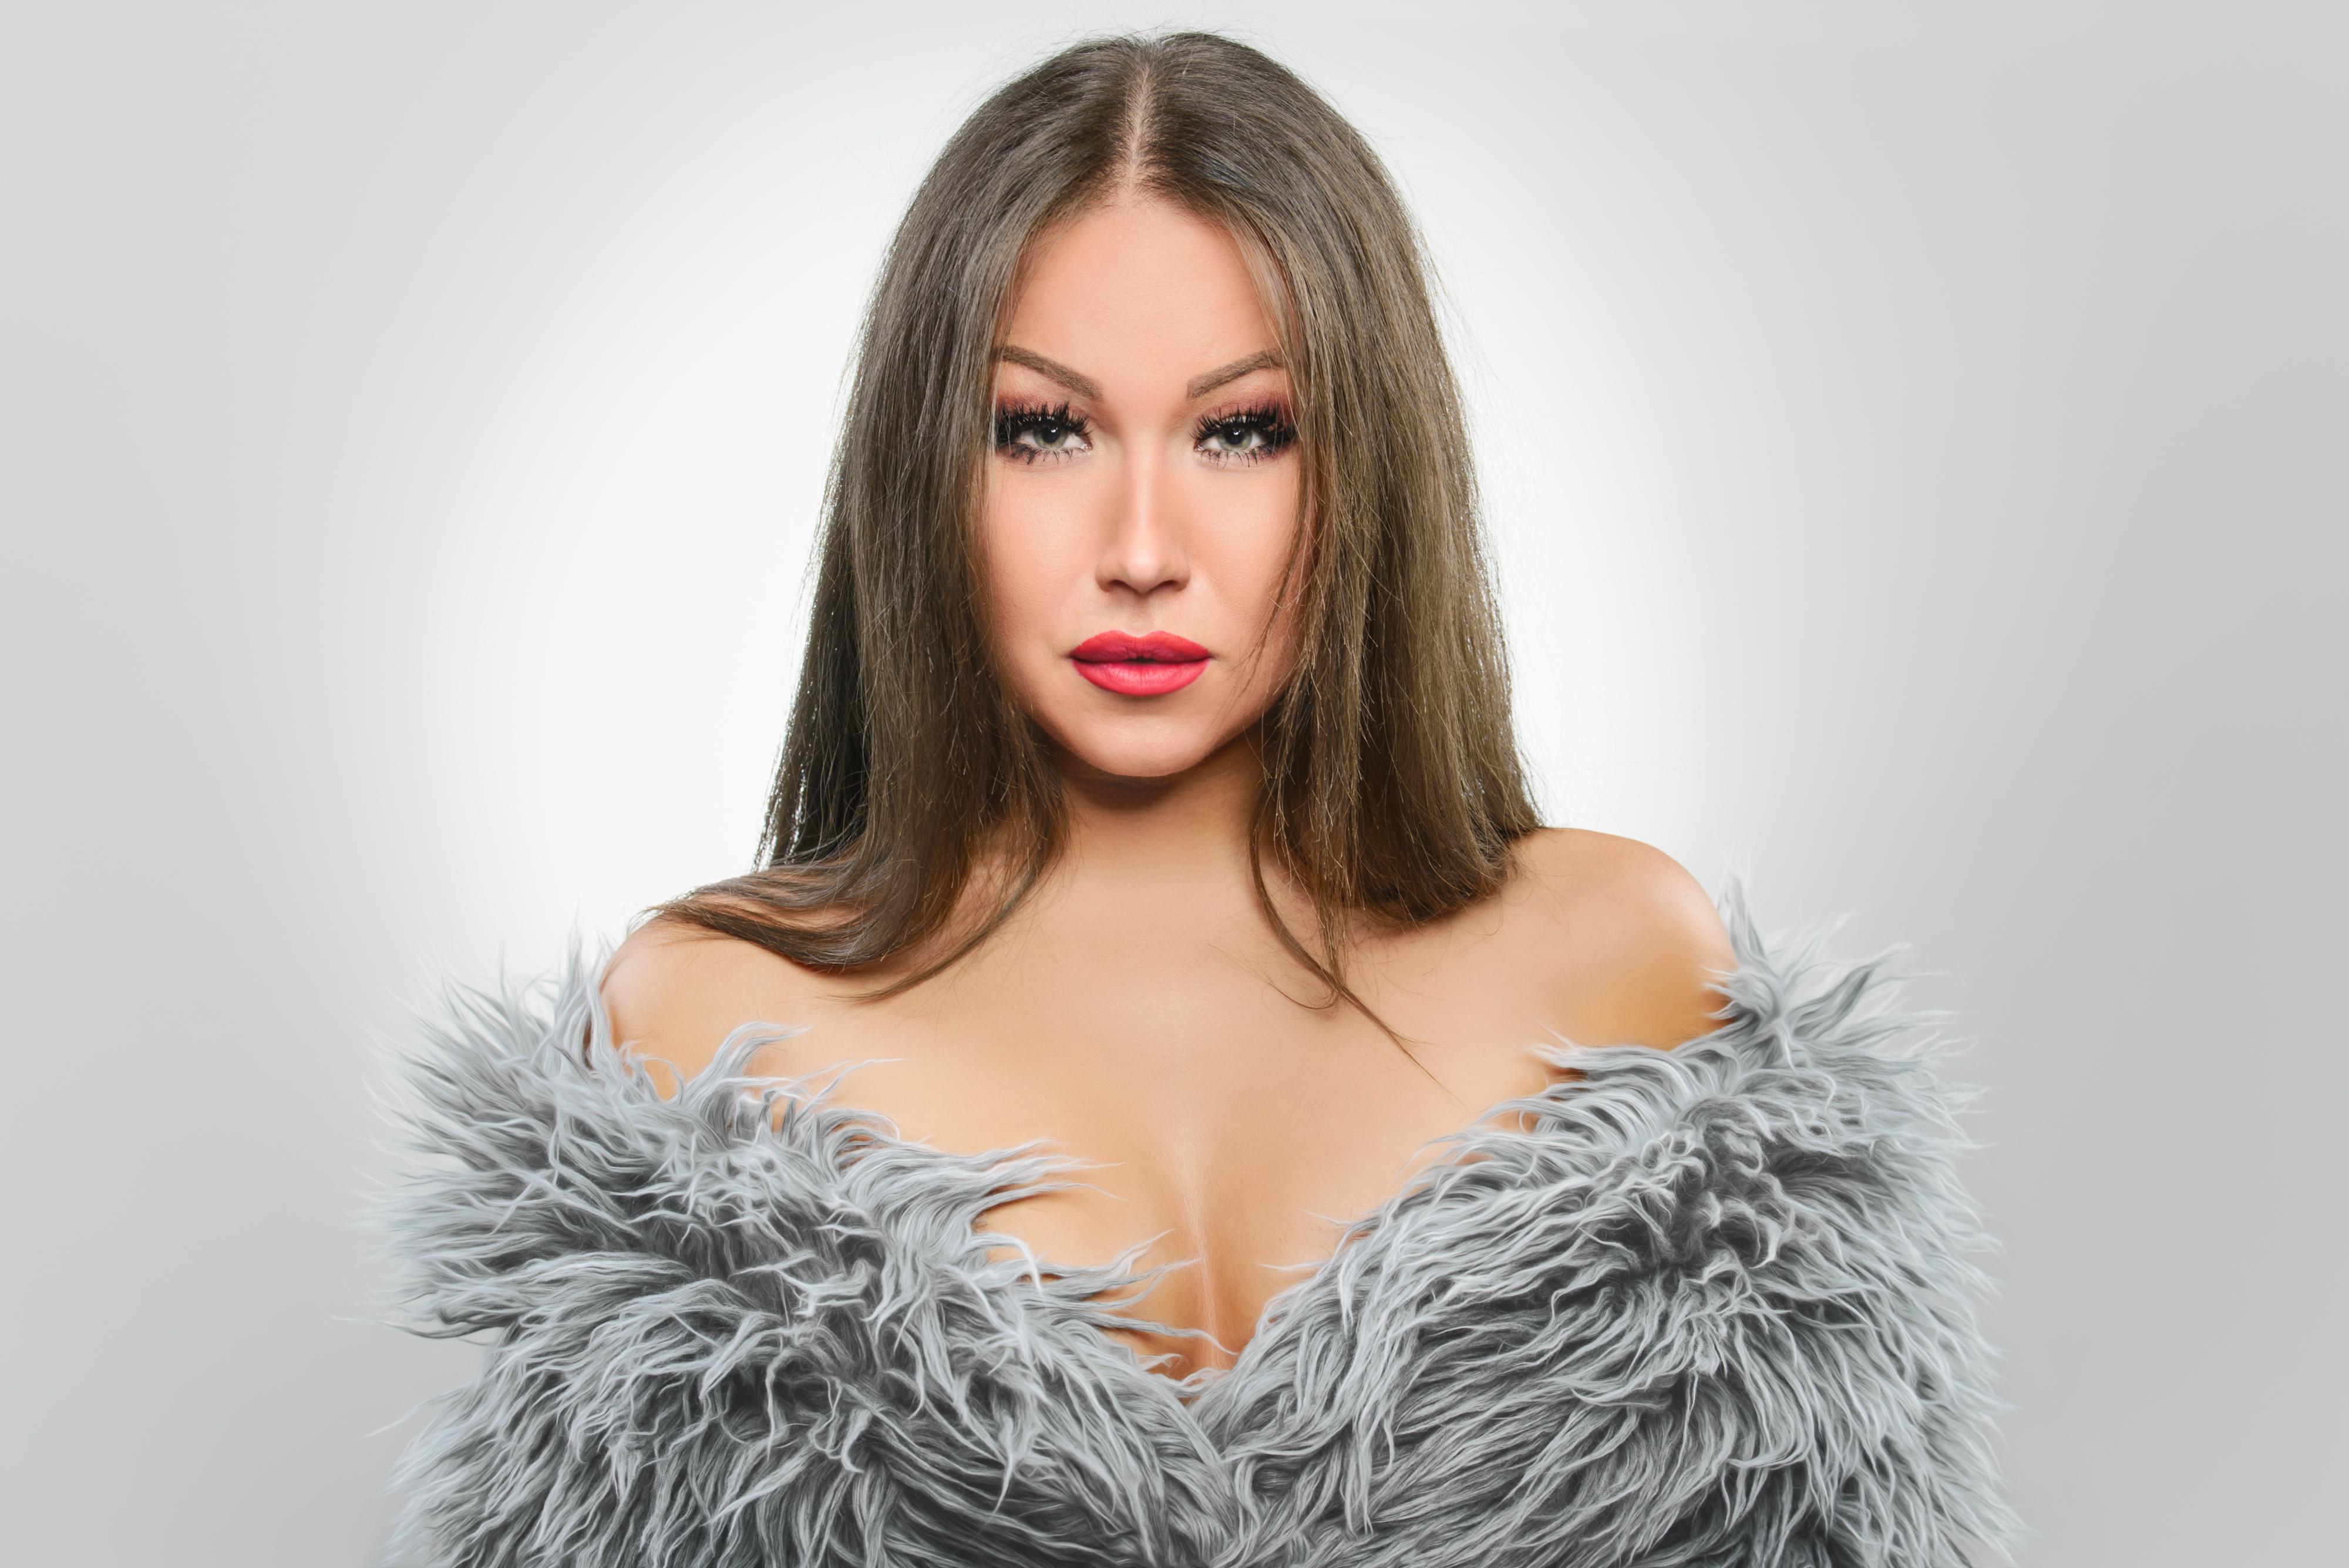 Вокалистка и ведущая мероприятий Yana Kas, приглашенная артистка на программу «Новый год 2020 на русский лад» в Германии 31 декабря 2019 года